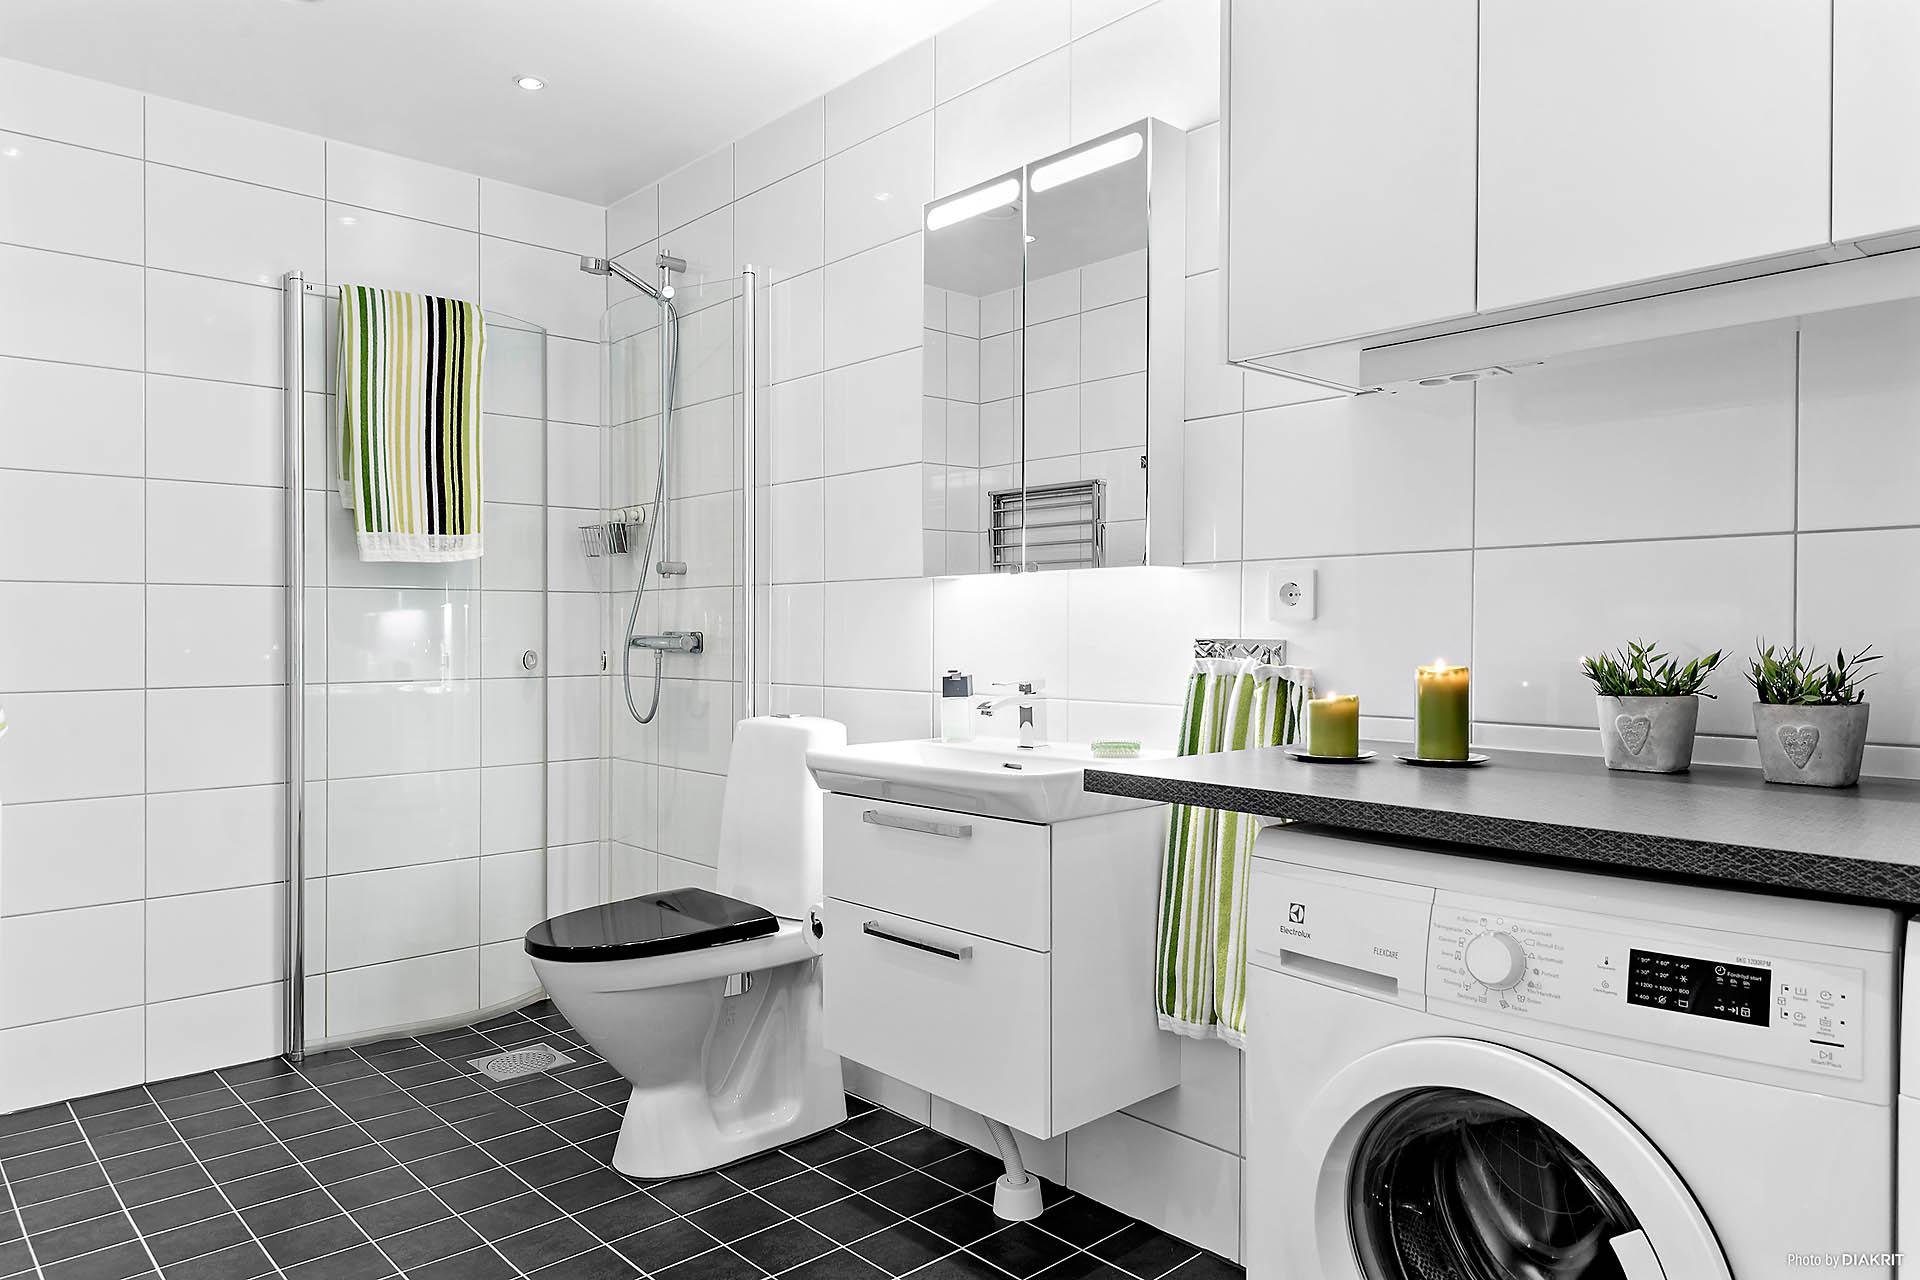 Det stora helkaklade badrummet med tvättmaskin och torktumlare